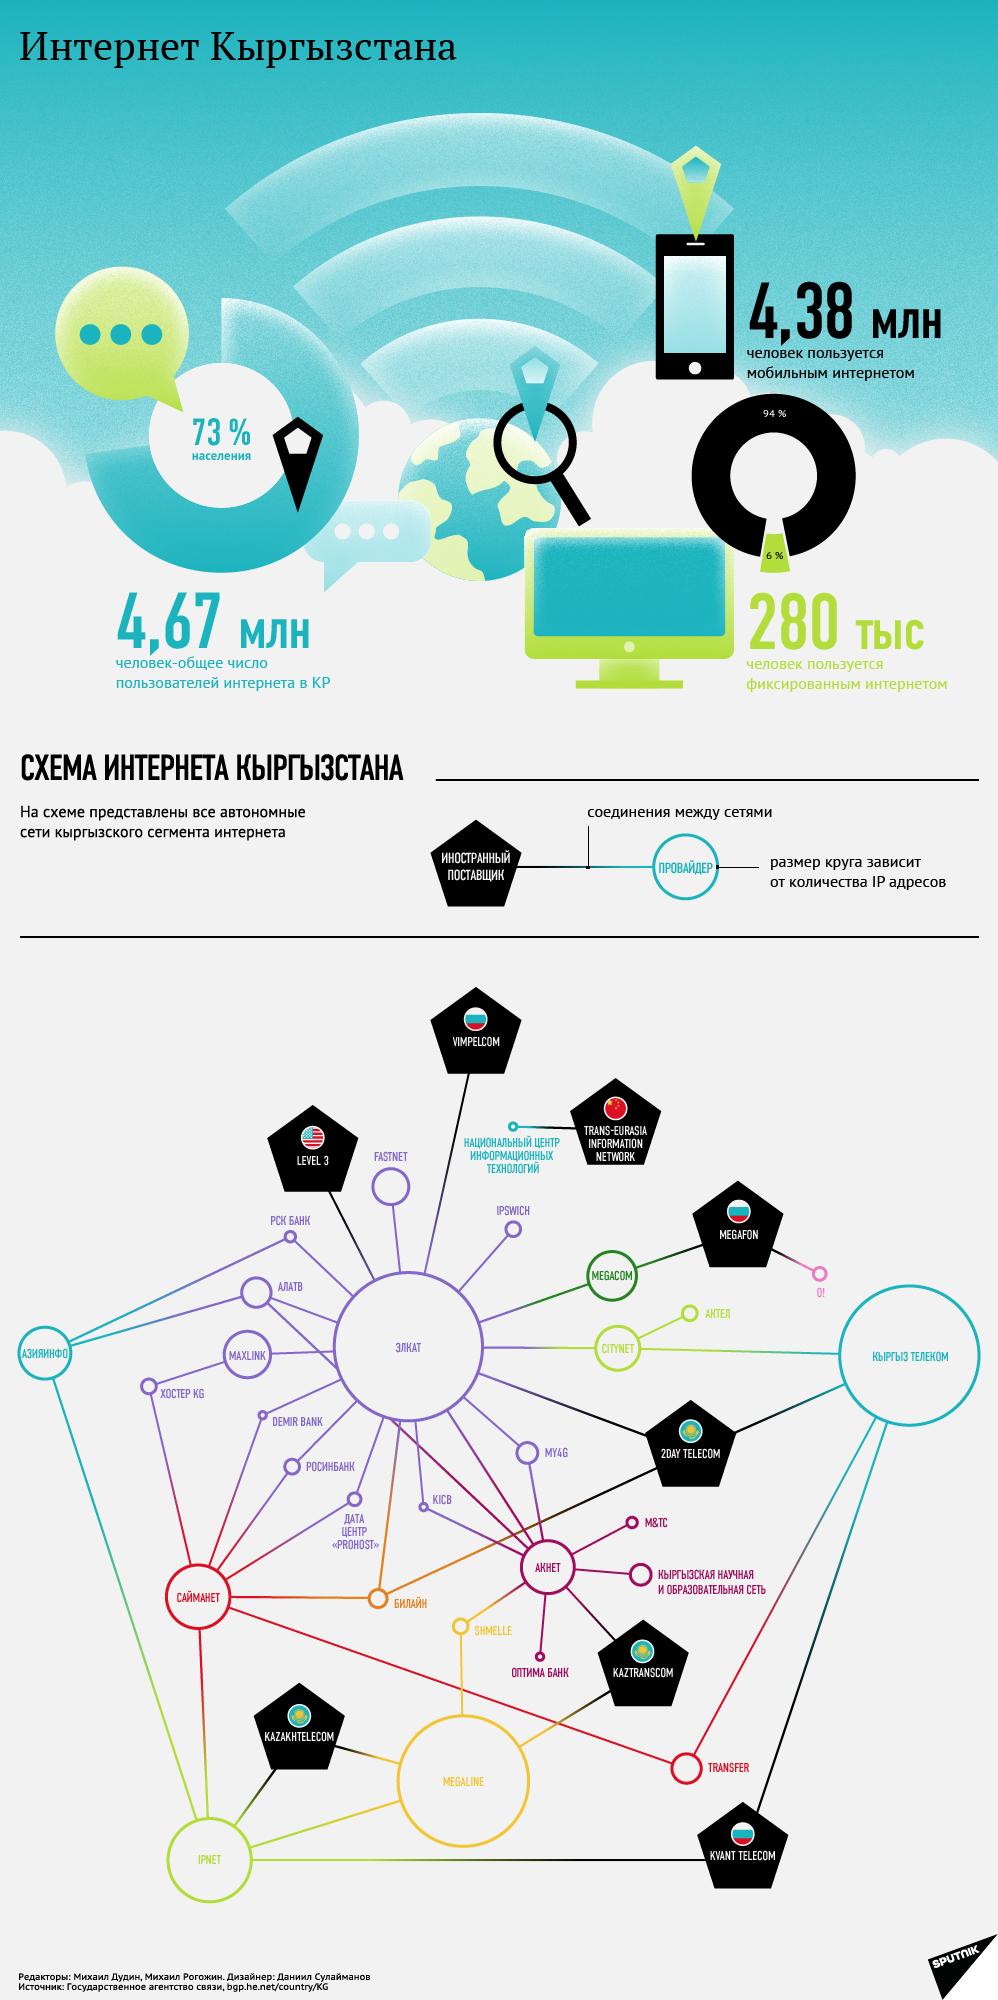 Схема интернета Кыргызстана